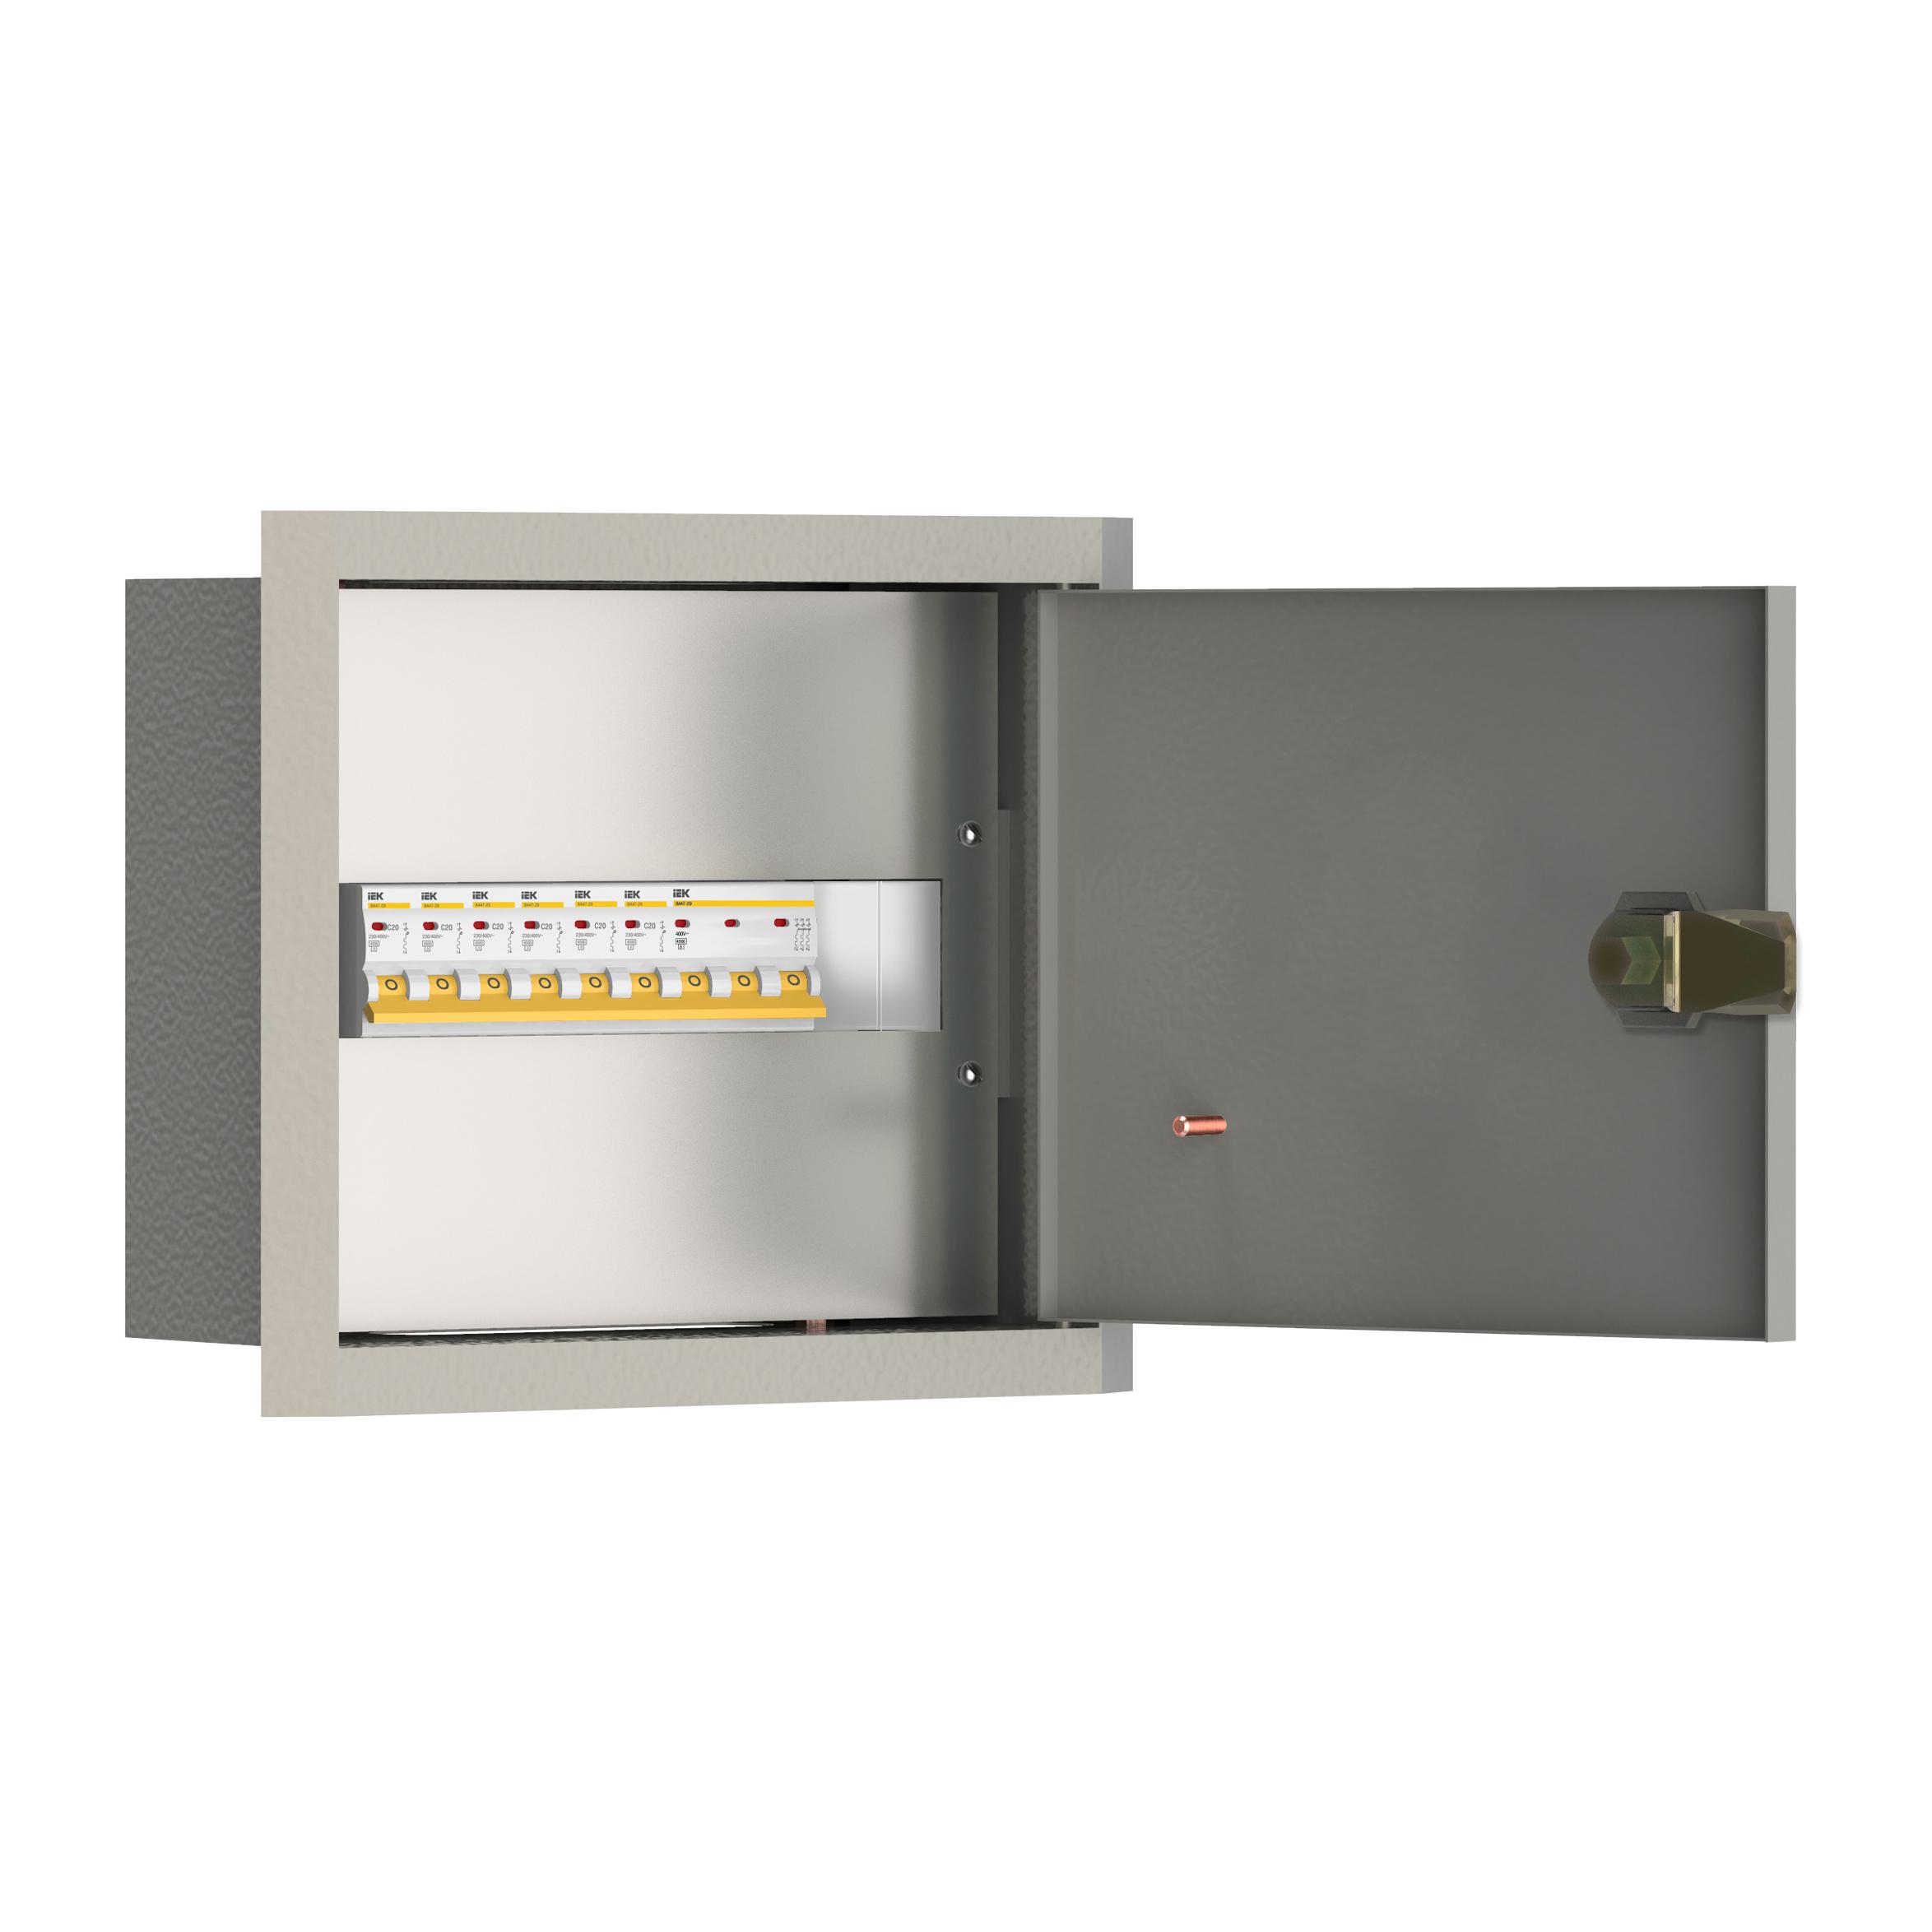 Щиток осветительный УОЩВ утопленный с автоматическими выключателями 3p 1х63А 1p 6х25А IEK